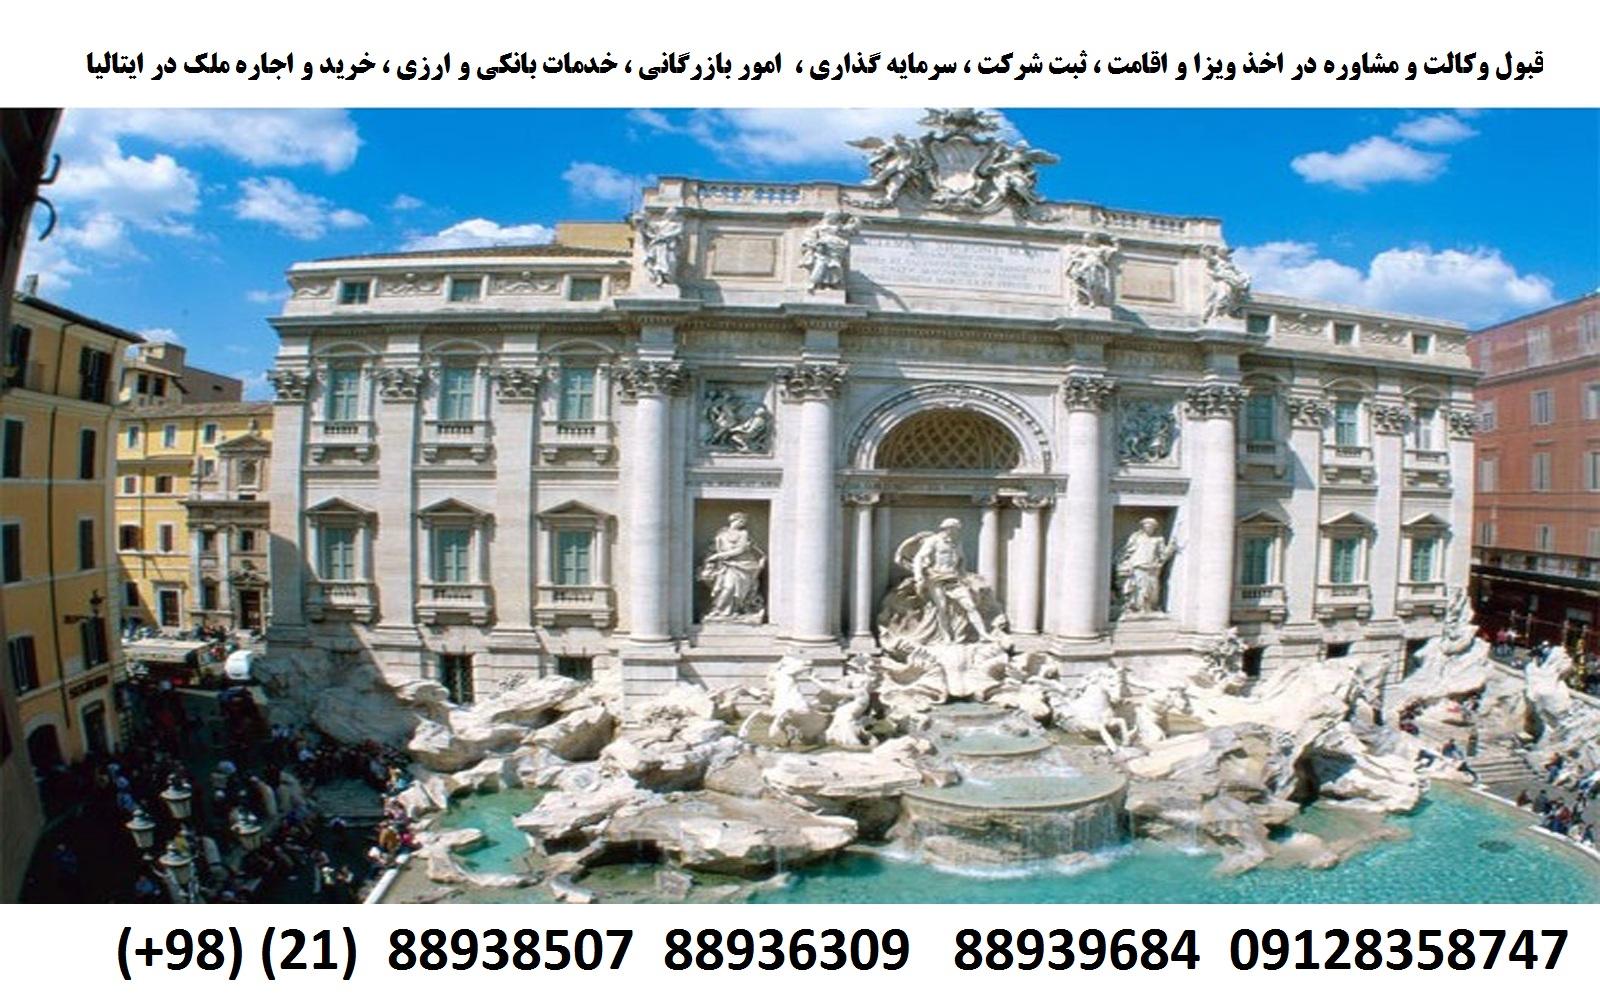 اقامت ، ویزا ، ثبت شرکت ، سرمایه گذاری در ایتالیا (5)